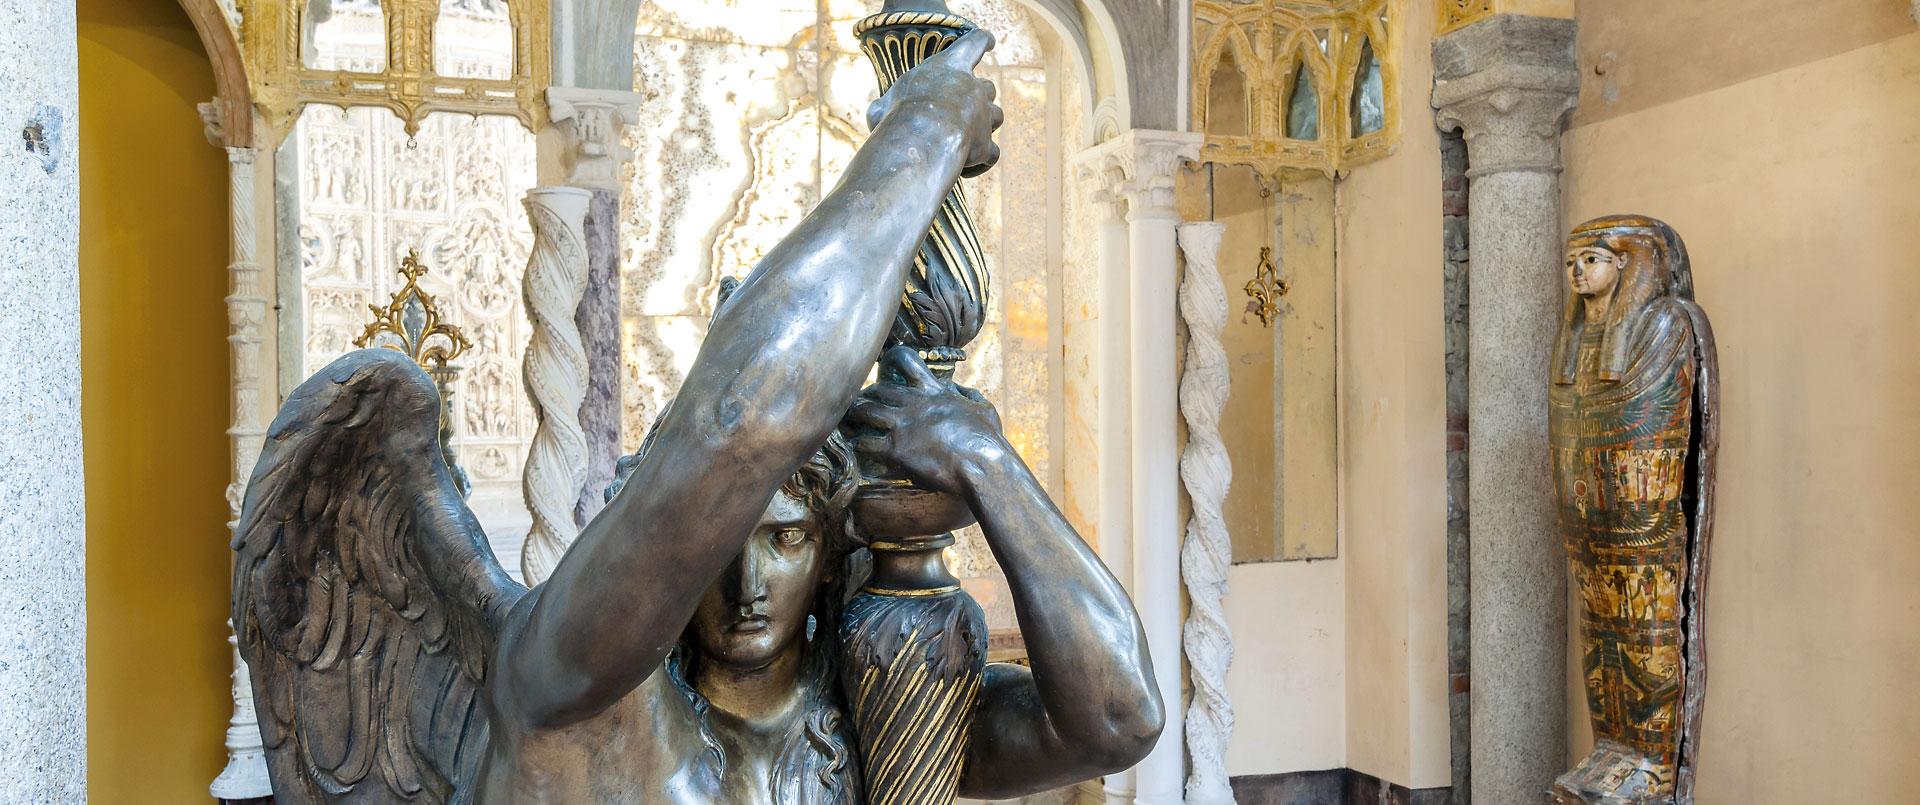 Museo Pogliaghi: le raccolte Nel Museo Pogliaghi sono custodite le eterogenee collezioni d'arte dell'omonimo artista: nella sala del Tesoro sono conservati reperti archeologici, Madonne lignee tardo gotiche, italiche e nordiche ed un presepe napoletano settecentesco.